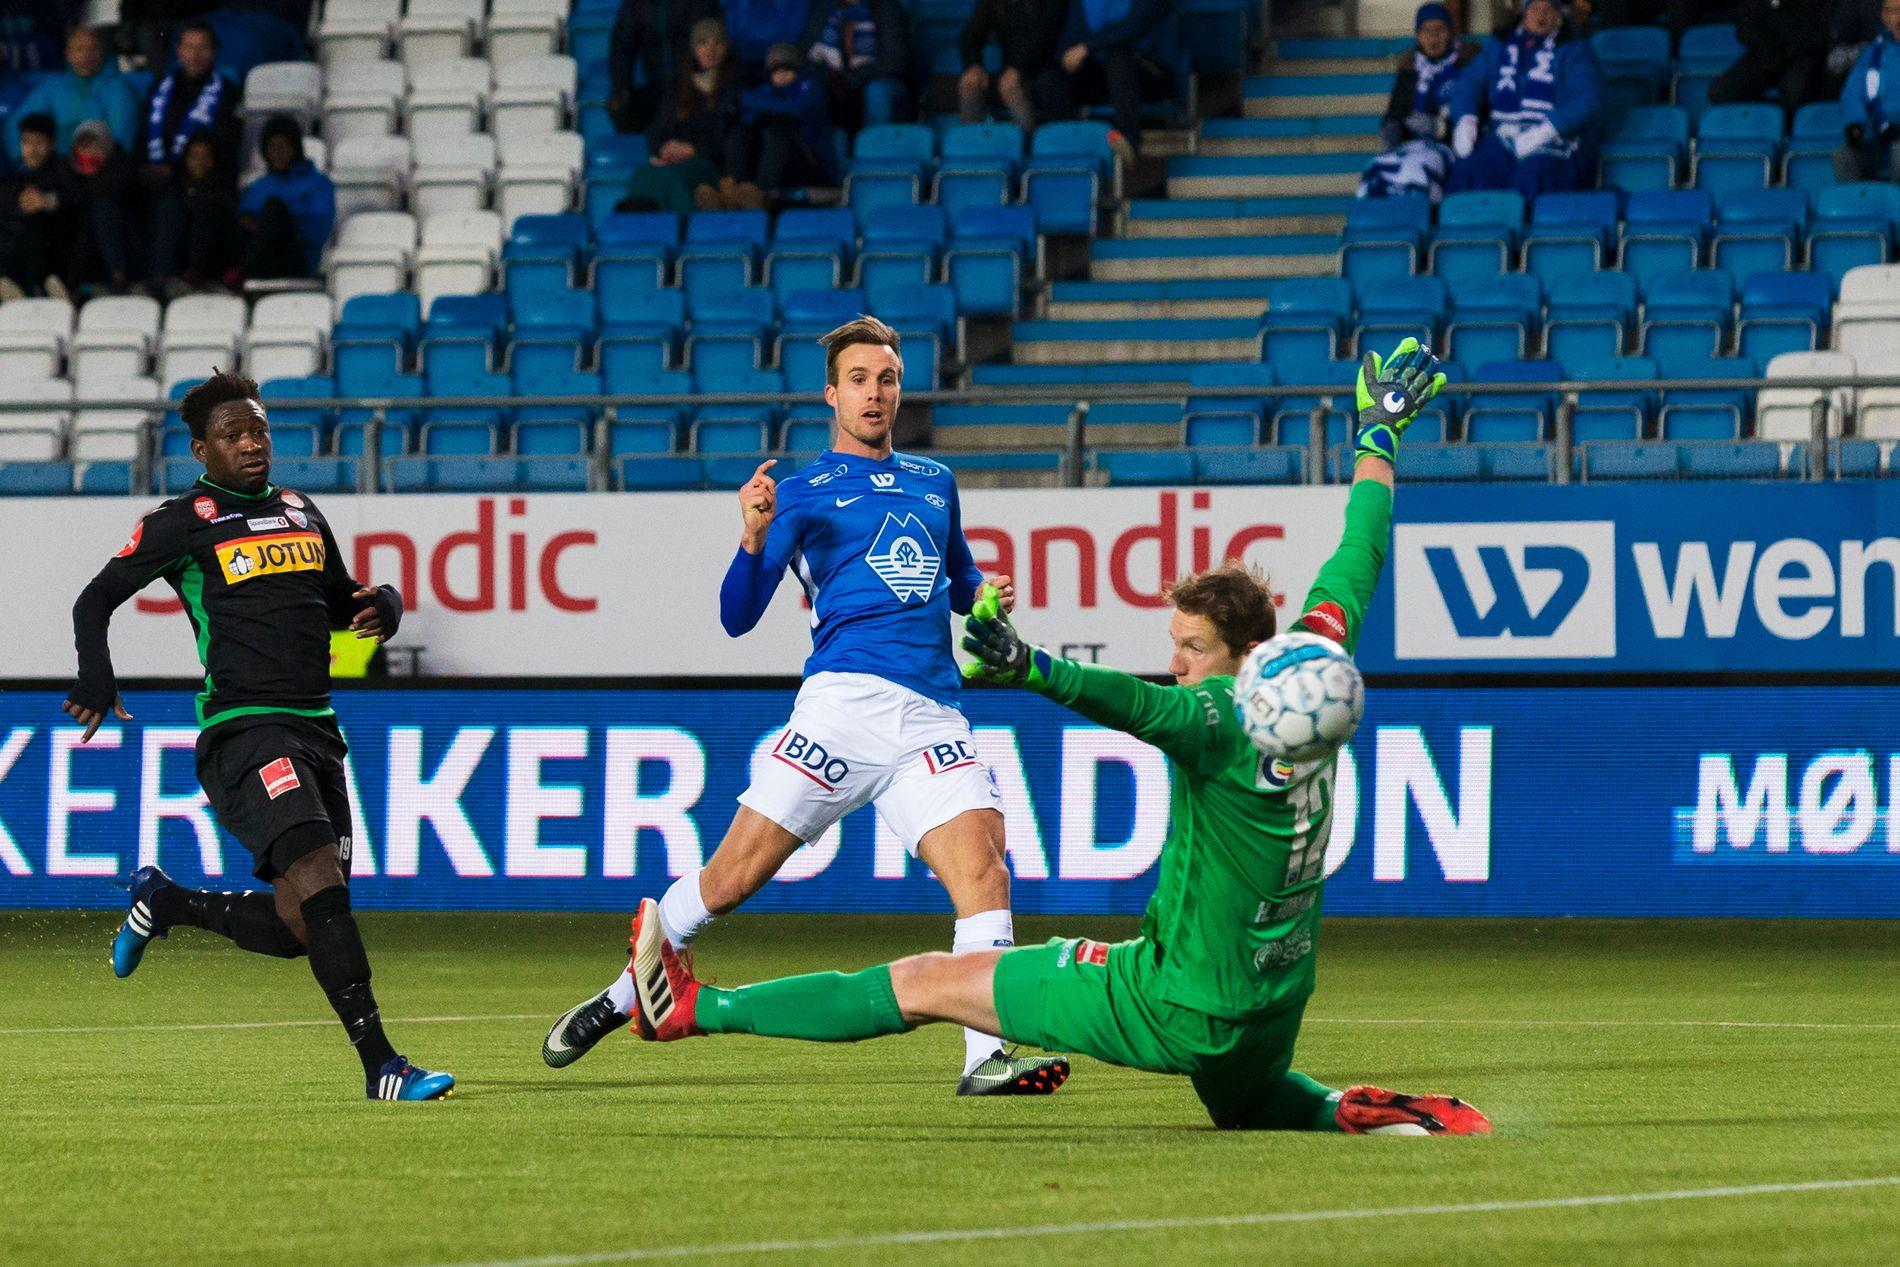 BYTTER KLUBB: Fredrik Brustad, som her setter inn 1–0 mot Sandefjord i duell med Victor Demba Bindia og Eirik Holmen Johansen i fjor, er klar for spill i Nedre Eiker.